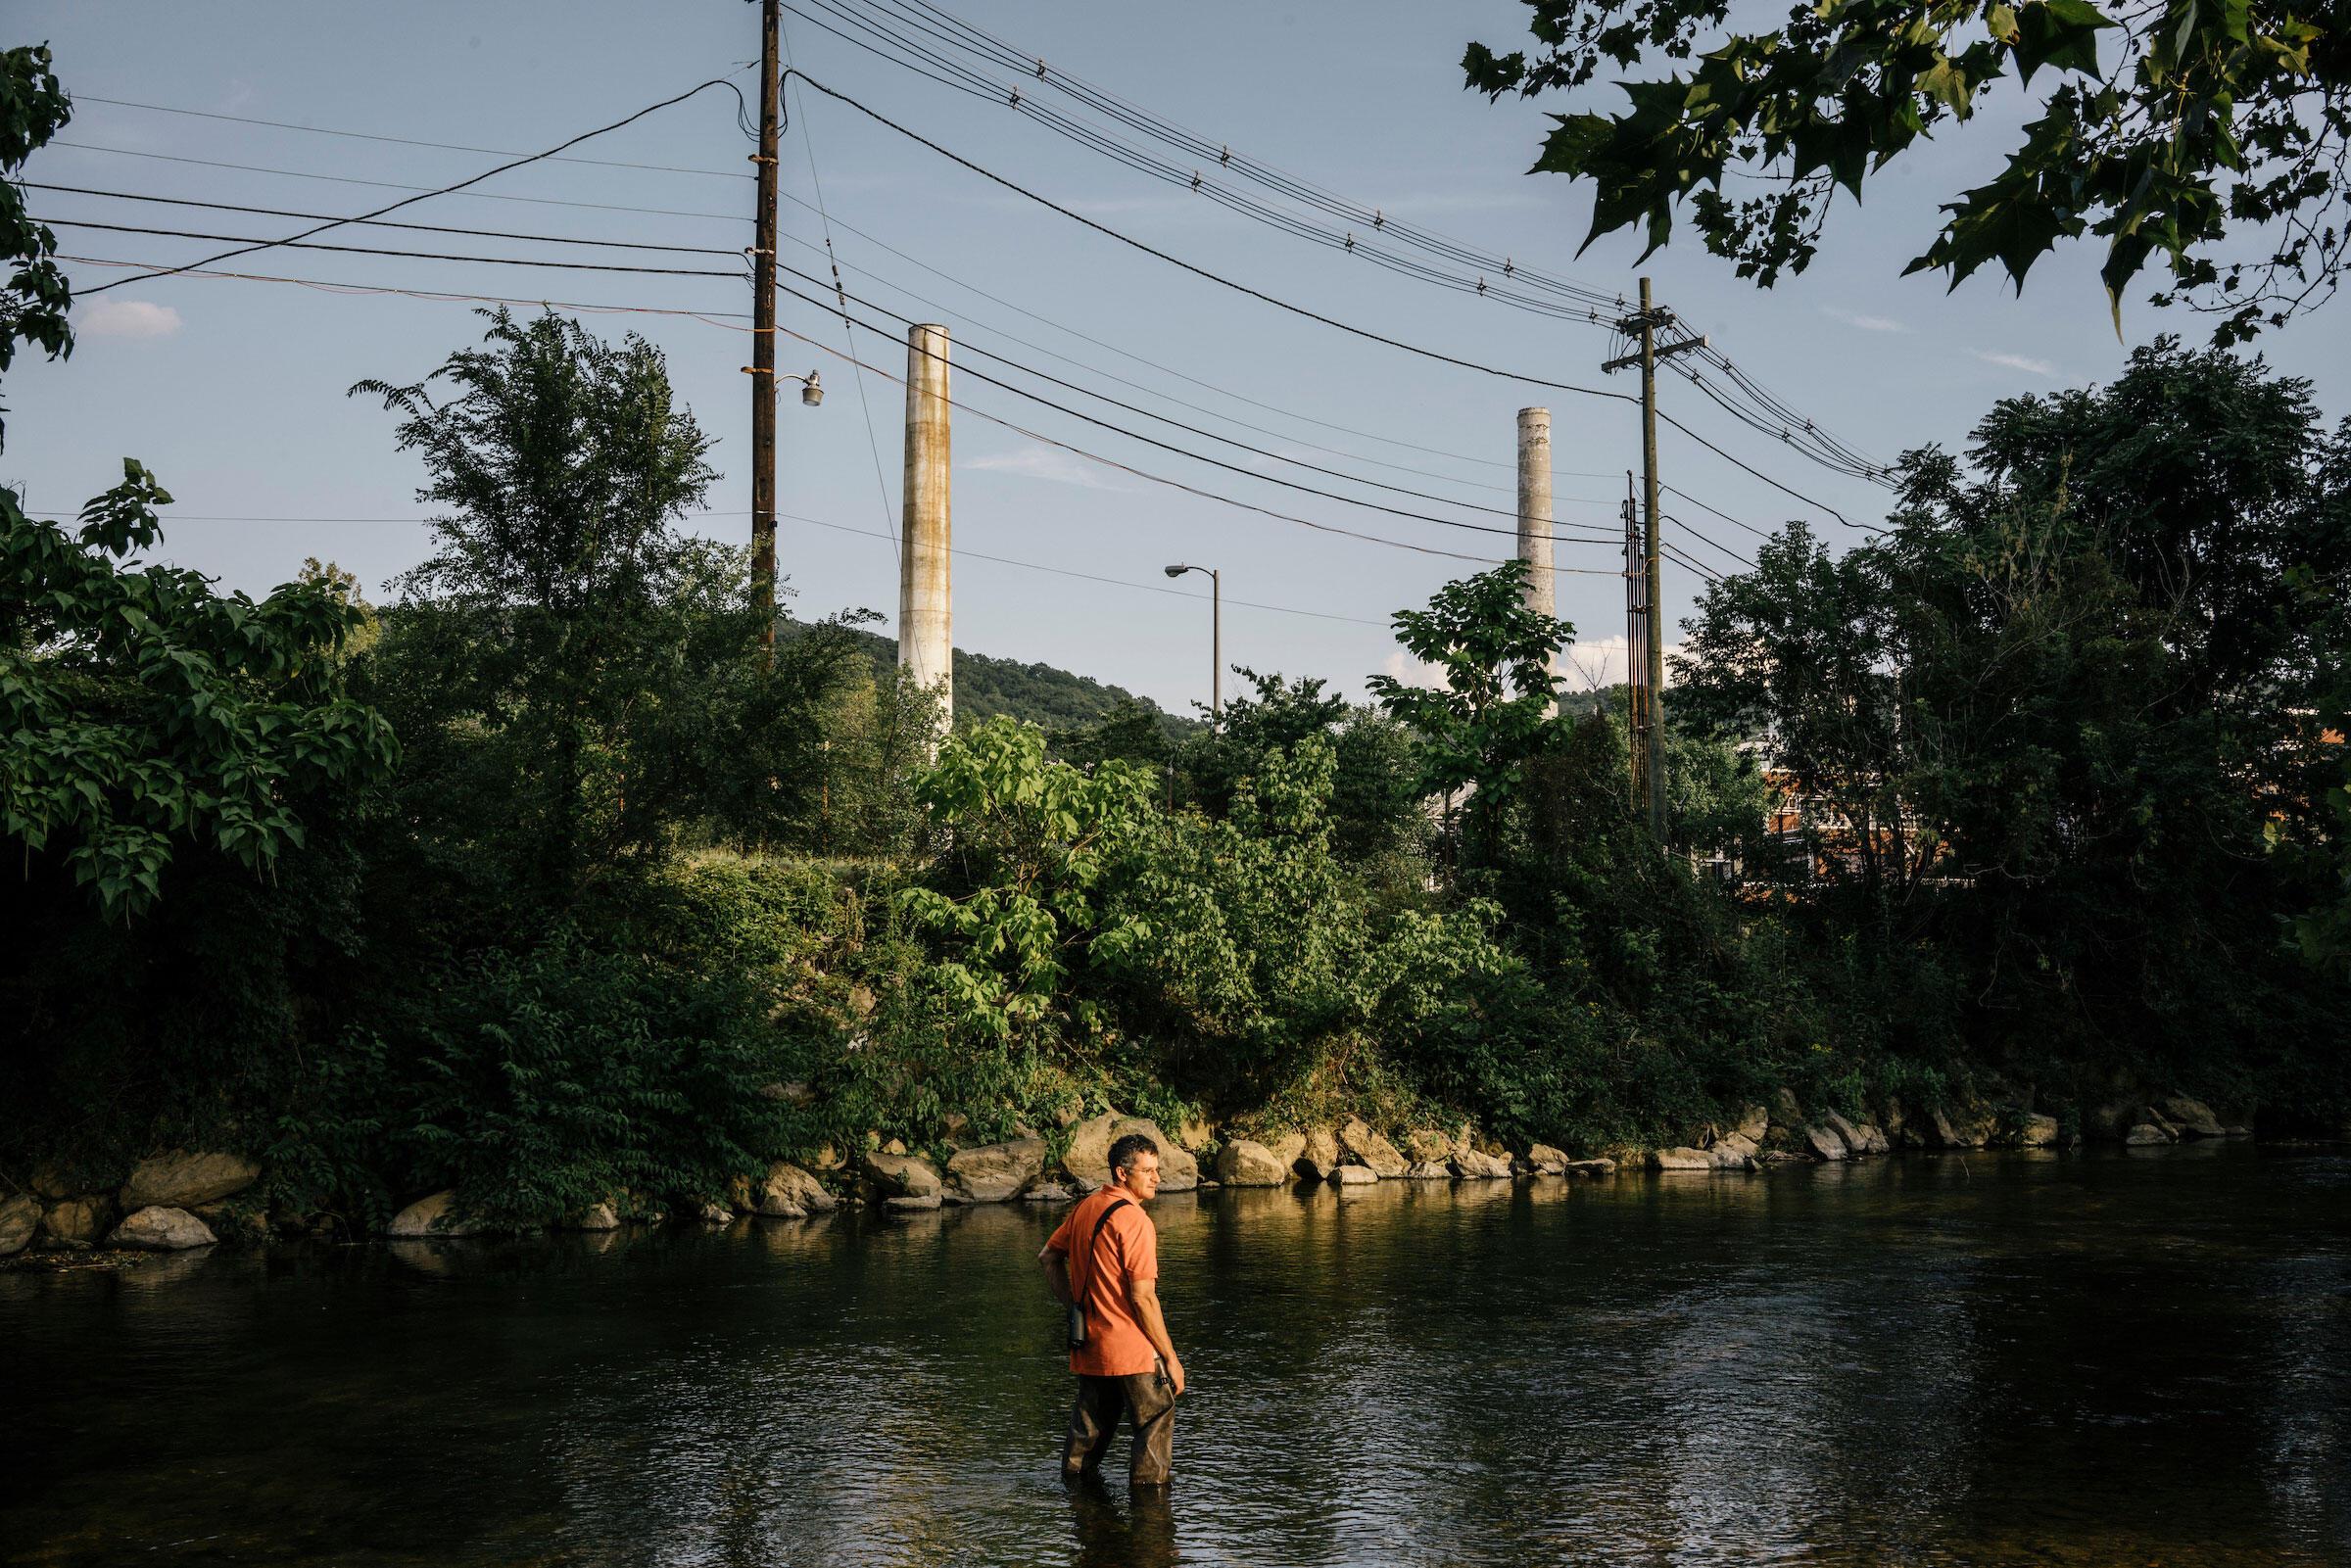 El ornitólogo Dan Cristol de pie en el South River, el cual fue contaminado con mercurio proveniente de la antigua planta de DuPont en Waynesboro, Virginia.